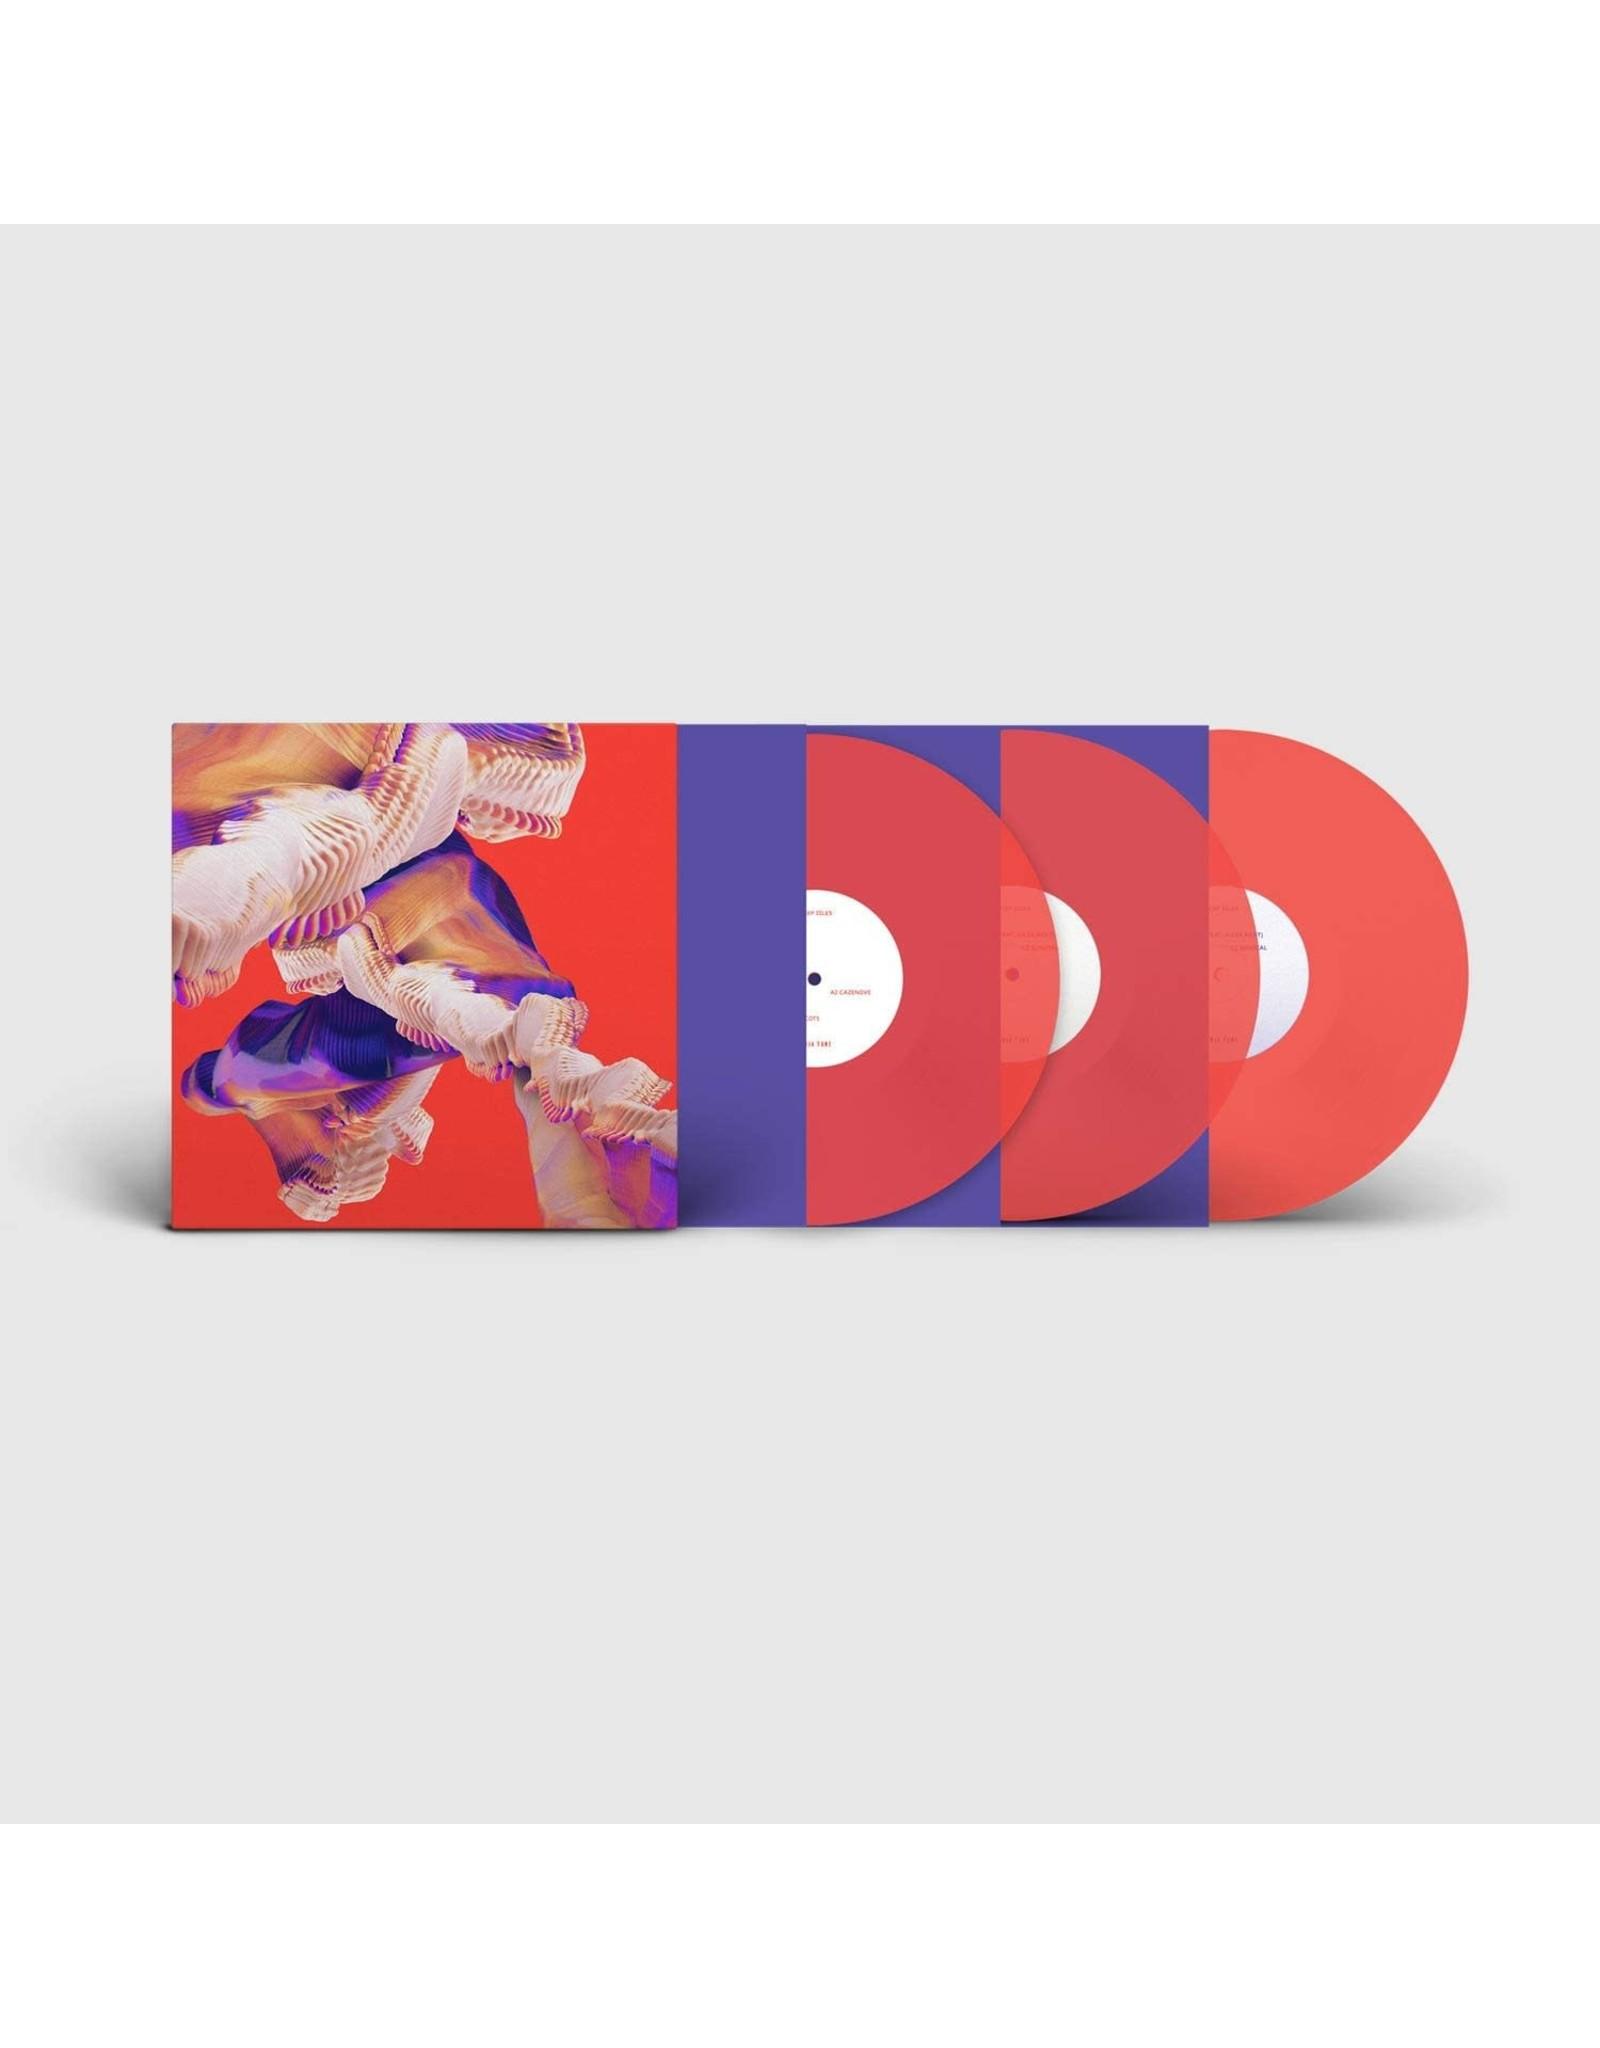 Bicep - Isles (Deluxe Edition) [Neon Orange Vinyl]